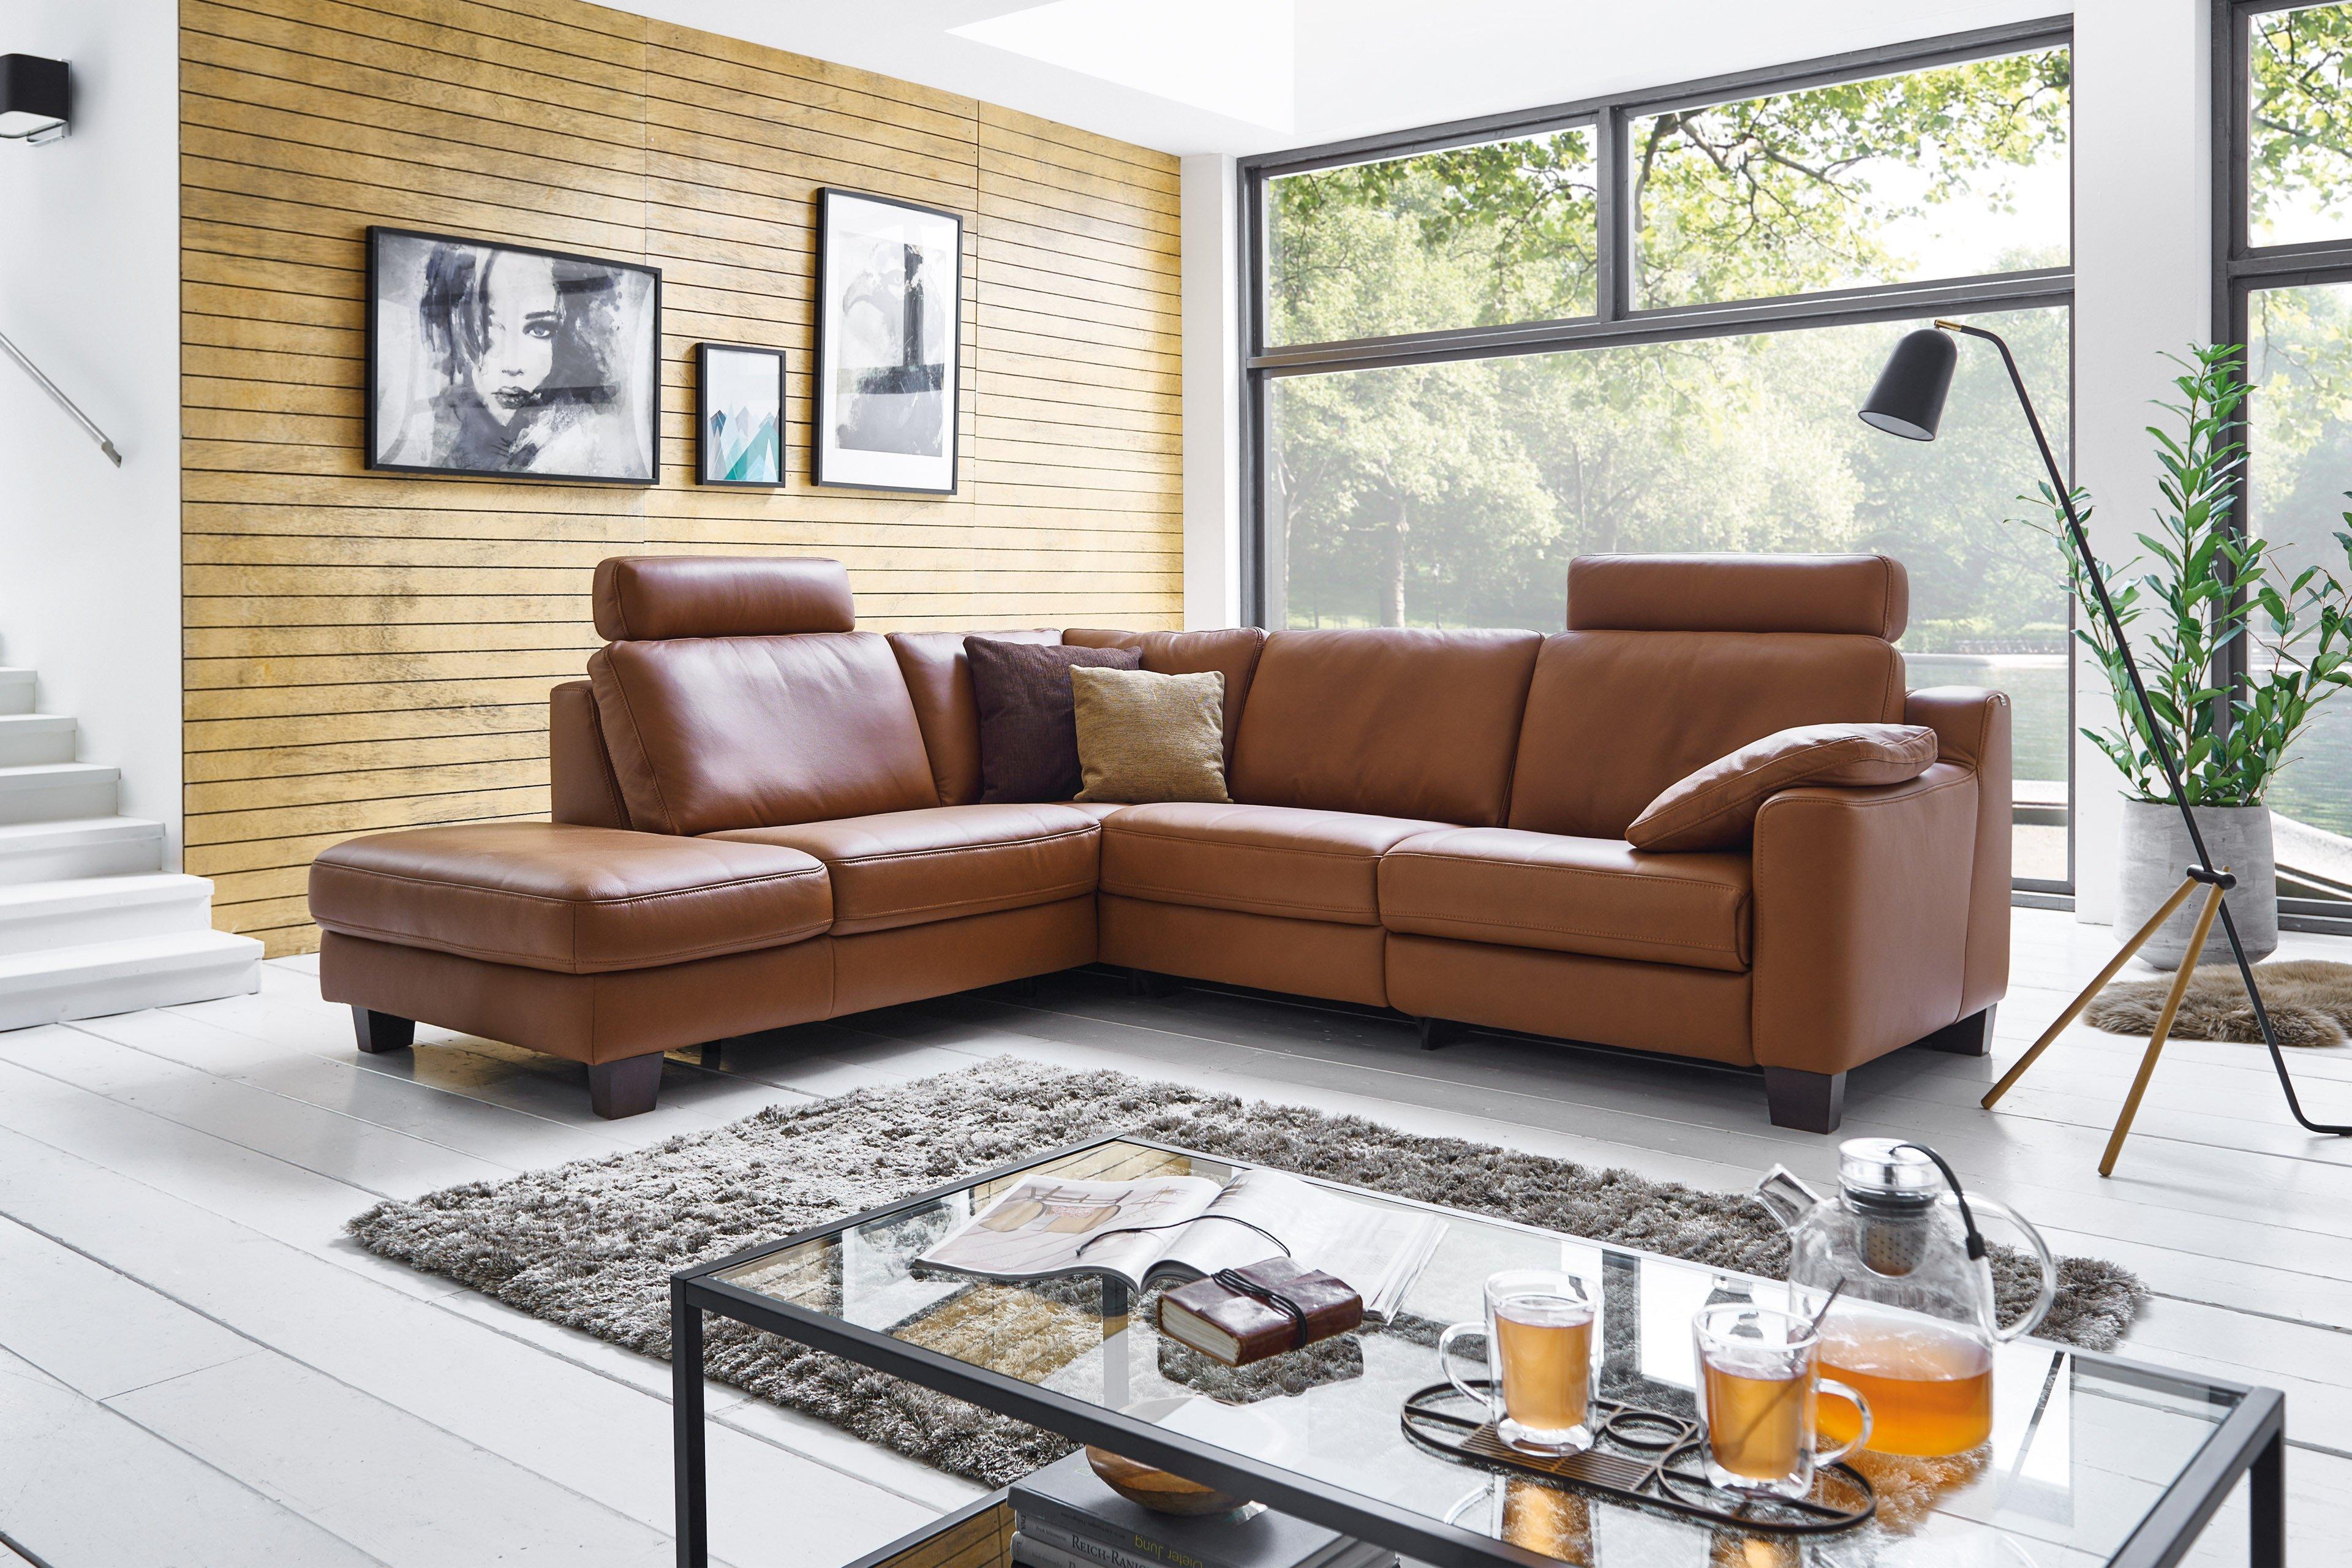 Hukla Sofaconcept Ledergarnitur In Braun Mobel Letz Ihr Online Shop